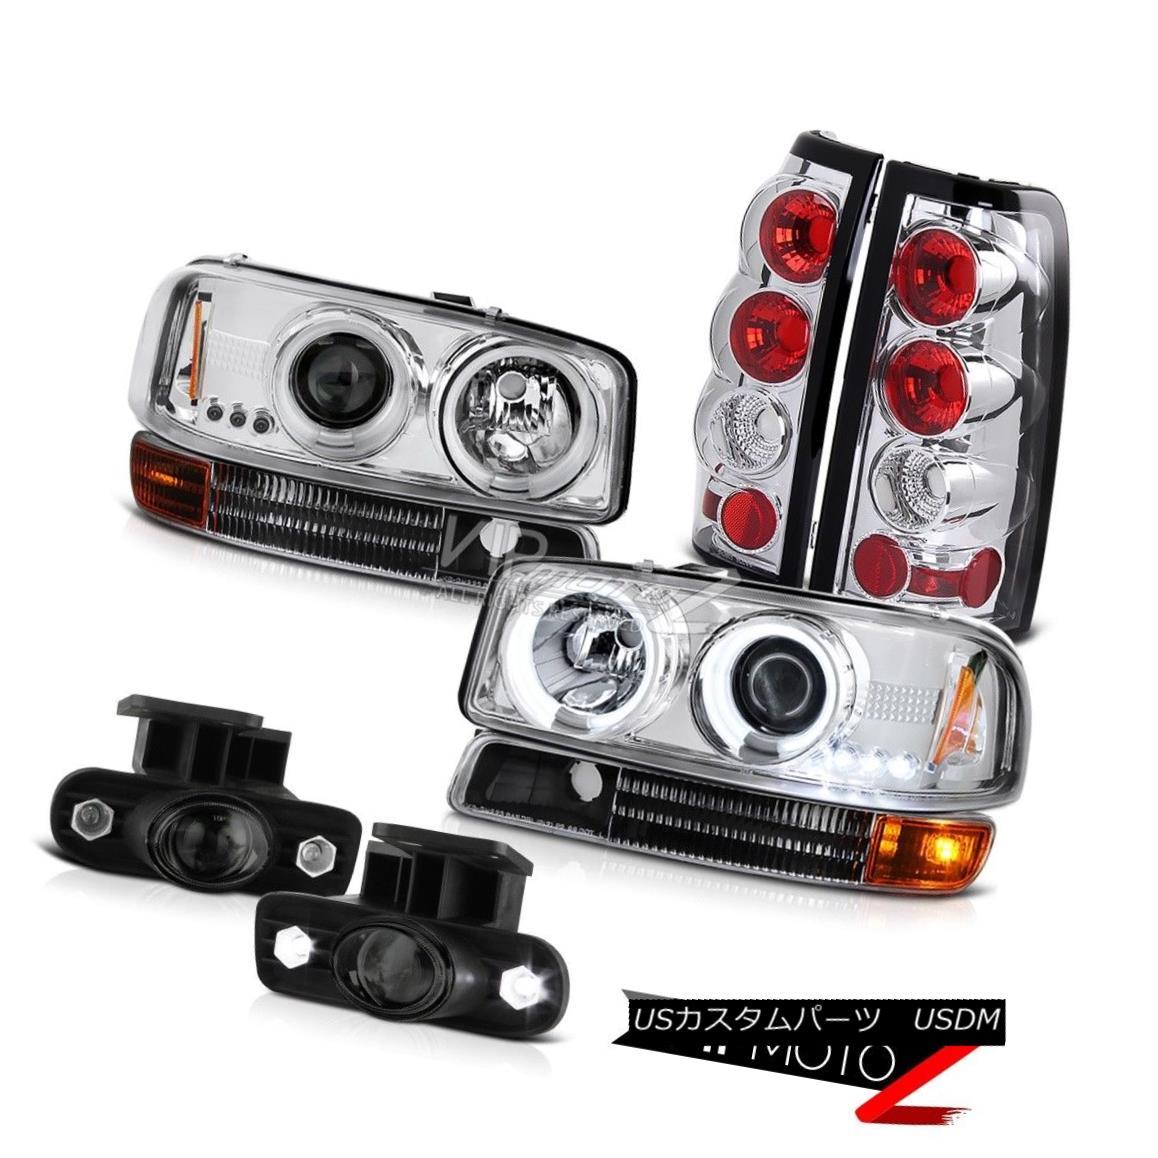 車用品 大規模セール バイク用品 >> パーツ ライト ランプ ヘッドライト 99-03 Sierra 6.0L V8 完売 V8ヘッドライトCCFLエンジェルアイテールライトガラスプロジェクターフォグ Lights Glass Eye Fog Angel Projector Tail w Headlights CCFL